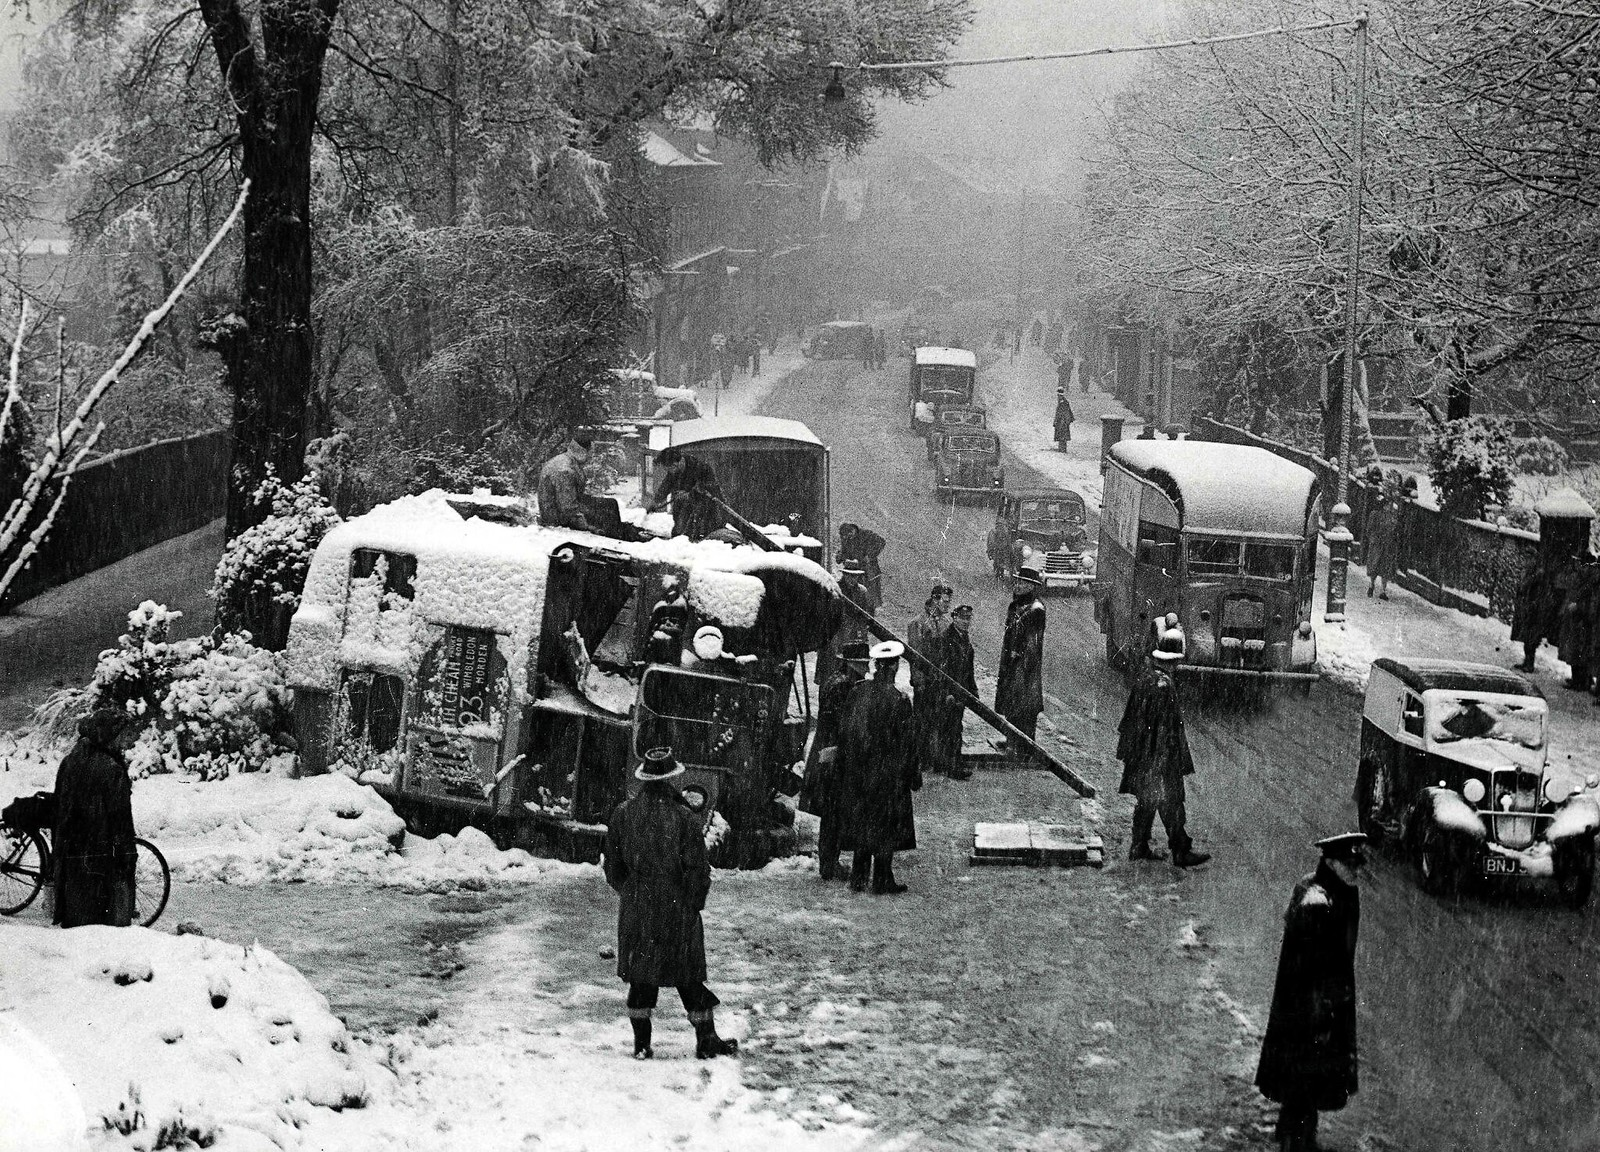 12. Автобус разбивается и переворачивается на снегу на одной из лондонских улиц